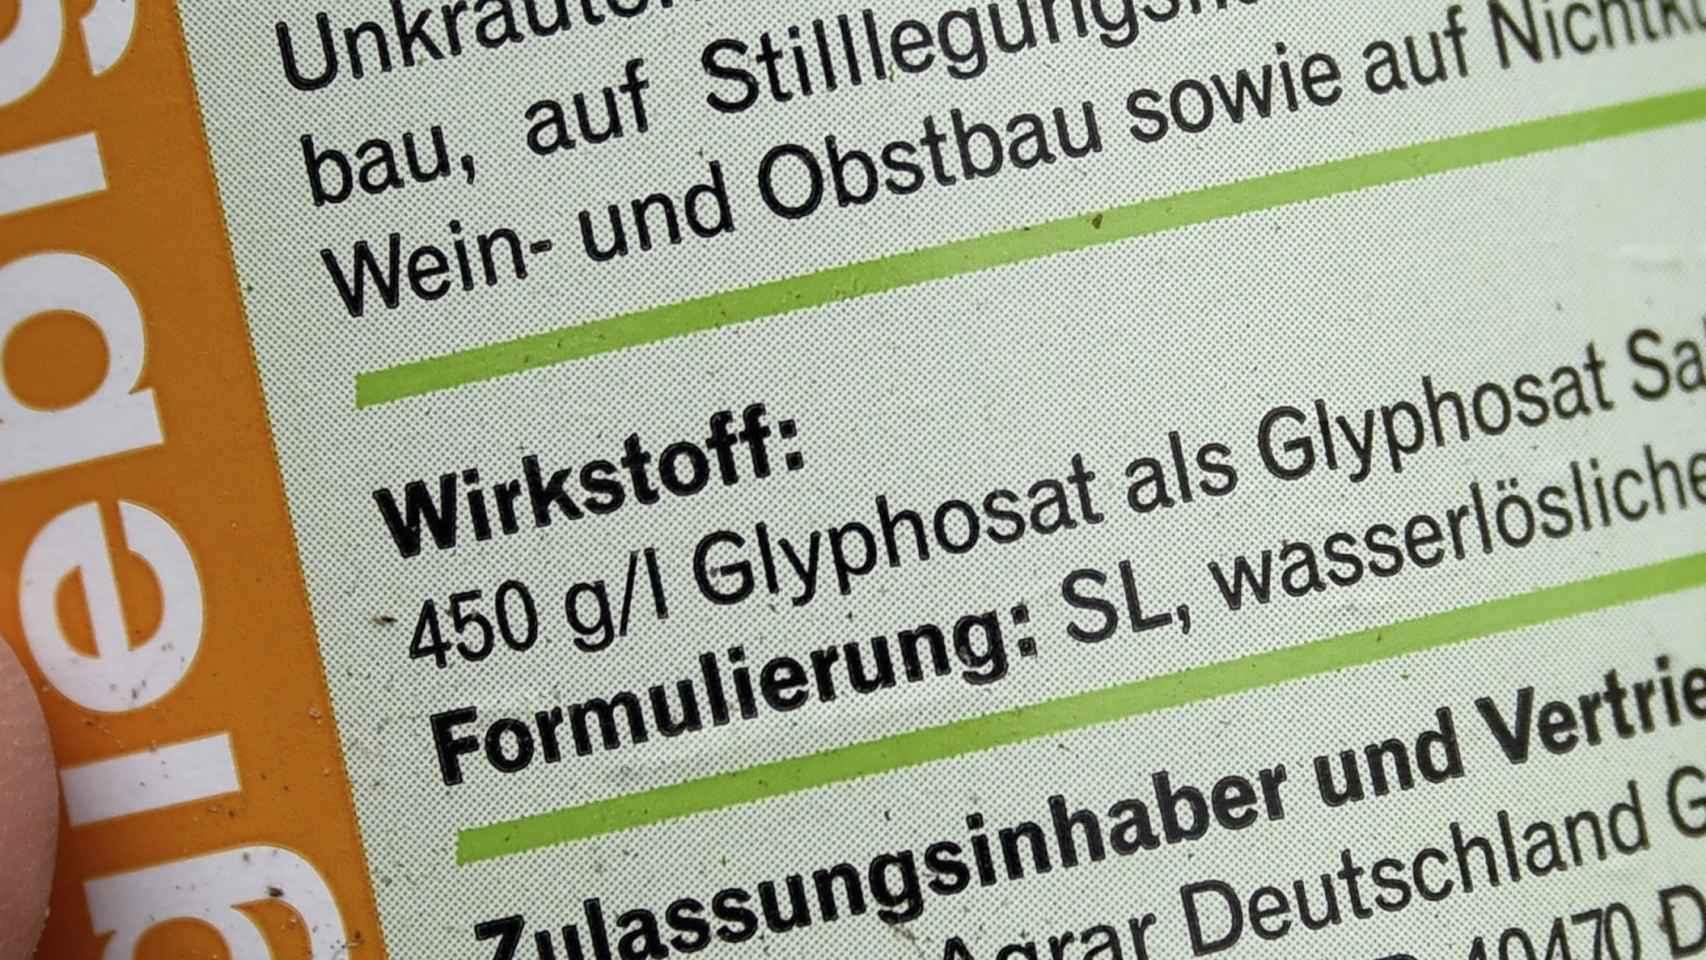 Etiqueta de una botella de pesticida con glisofato en Aukrug, Alemania.